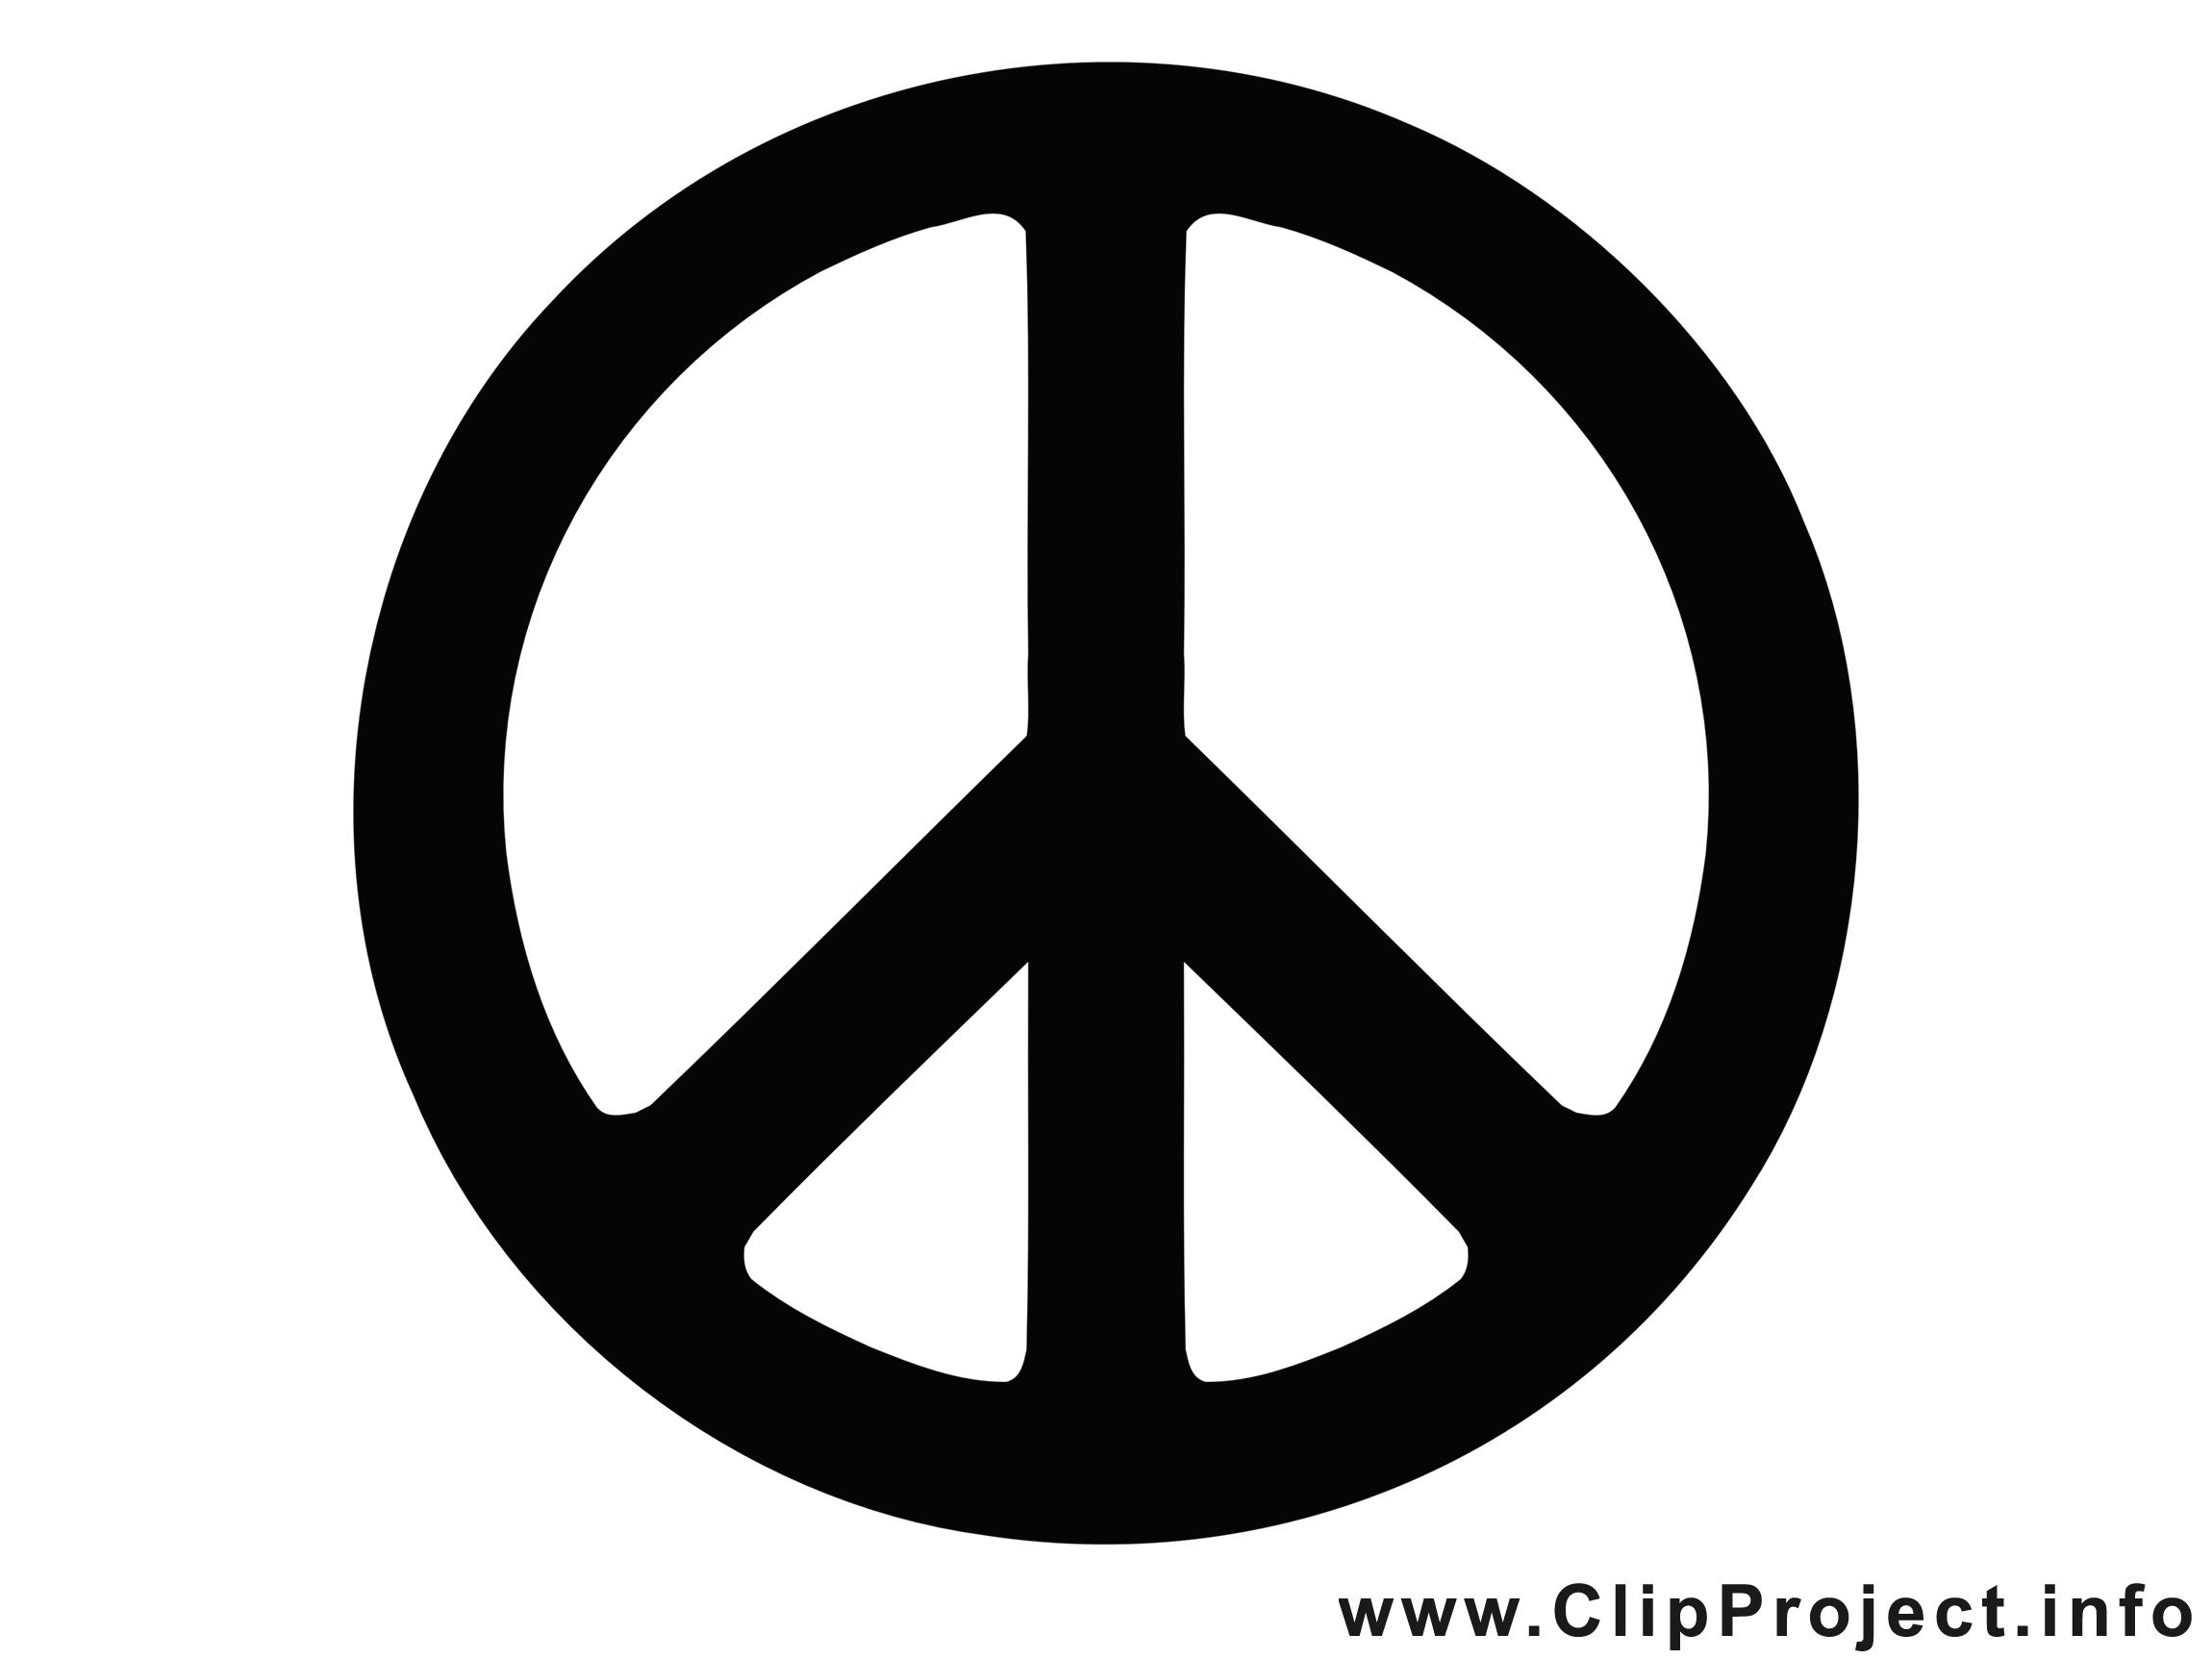 Symbole de la paix illustration - Noir et blanc clipart